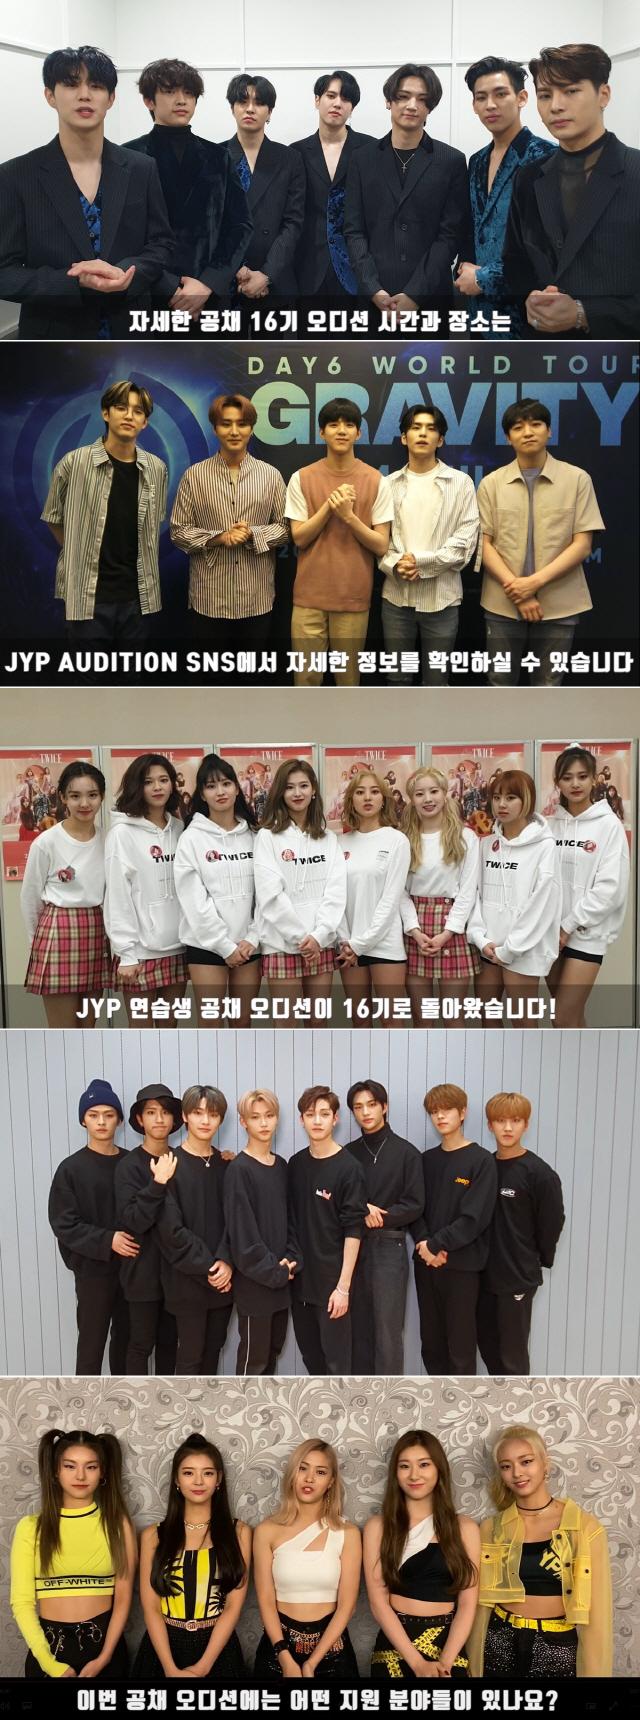 [공식] JYP, 연습생 공채 16기 오디션 개최..선배 아티스트 릴레이 응원